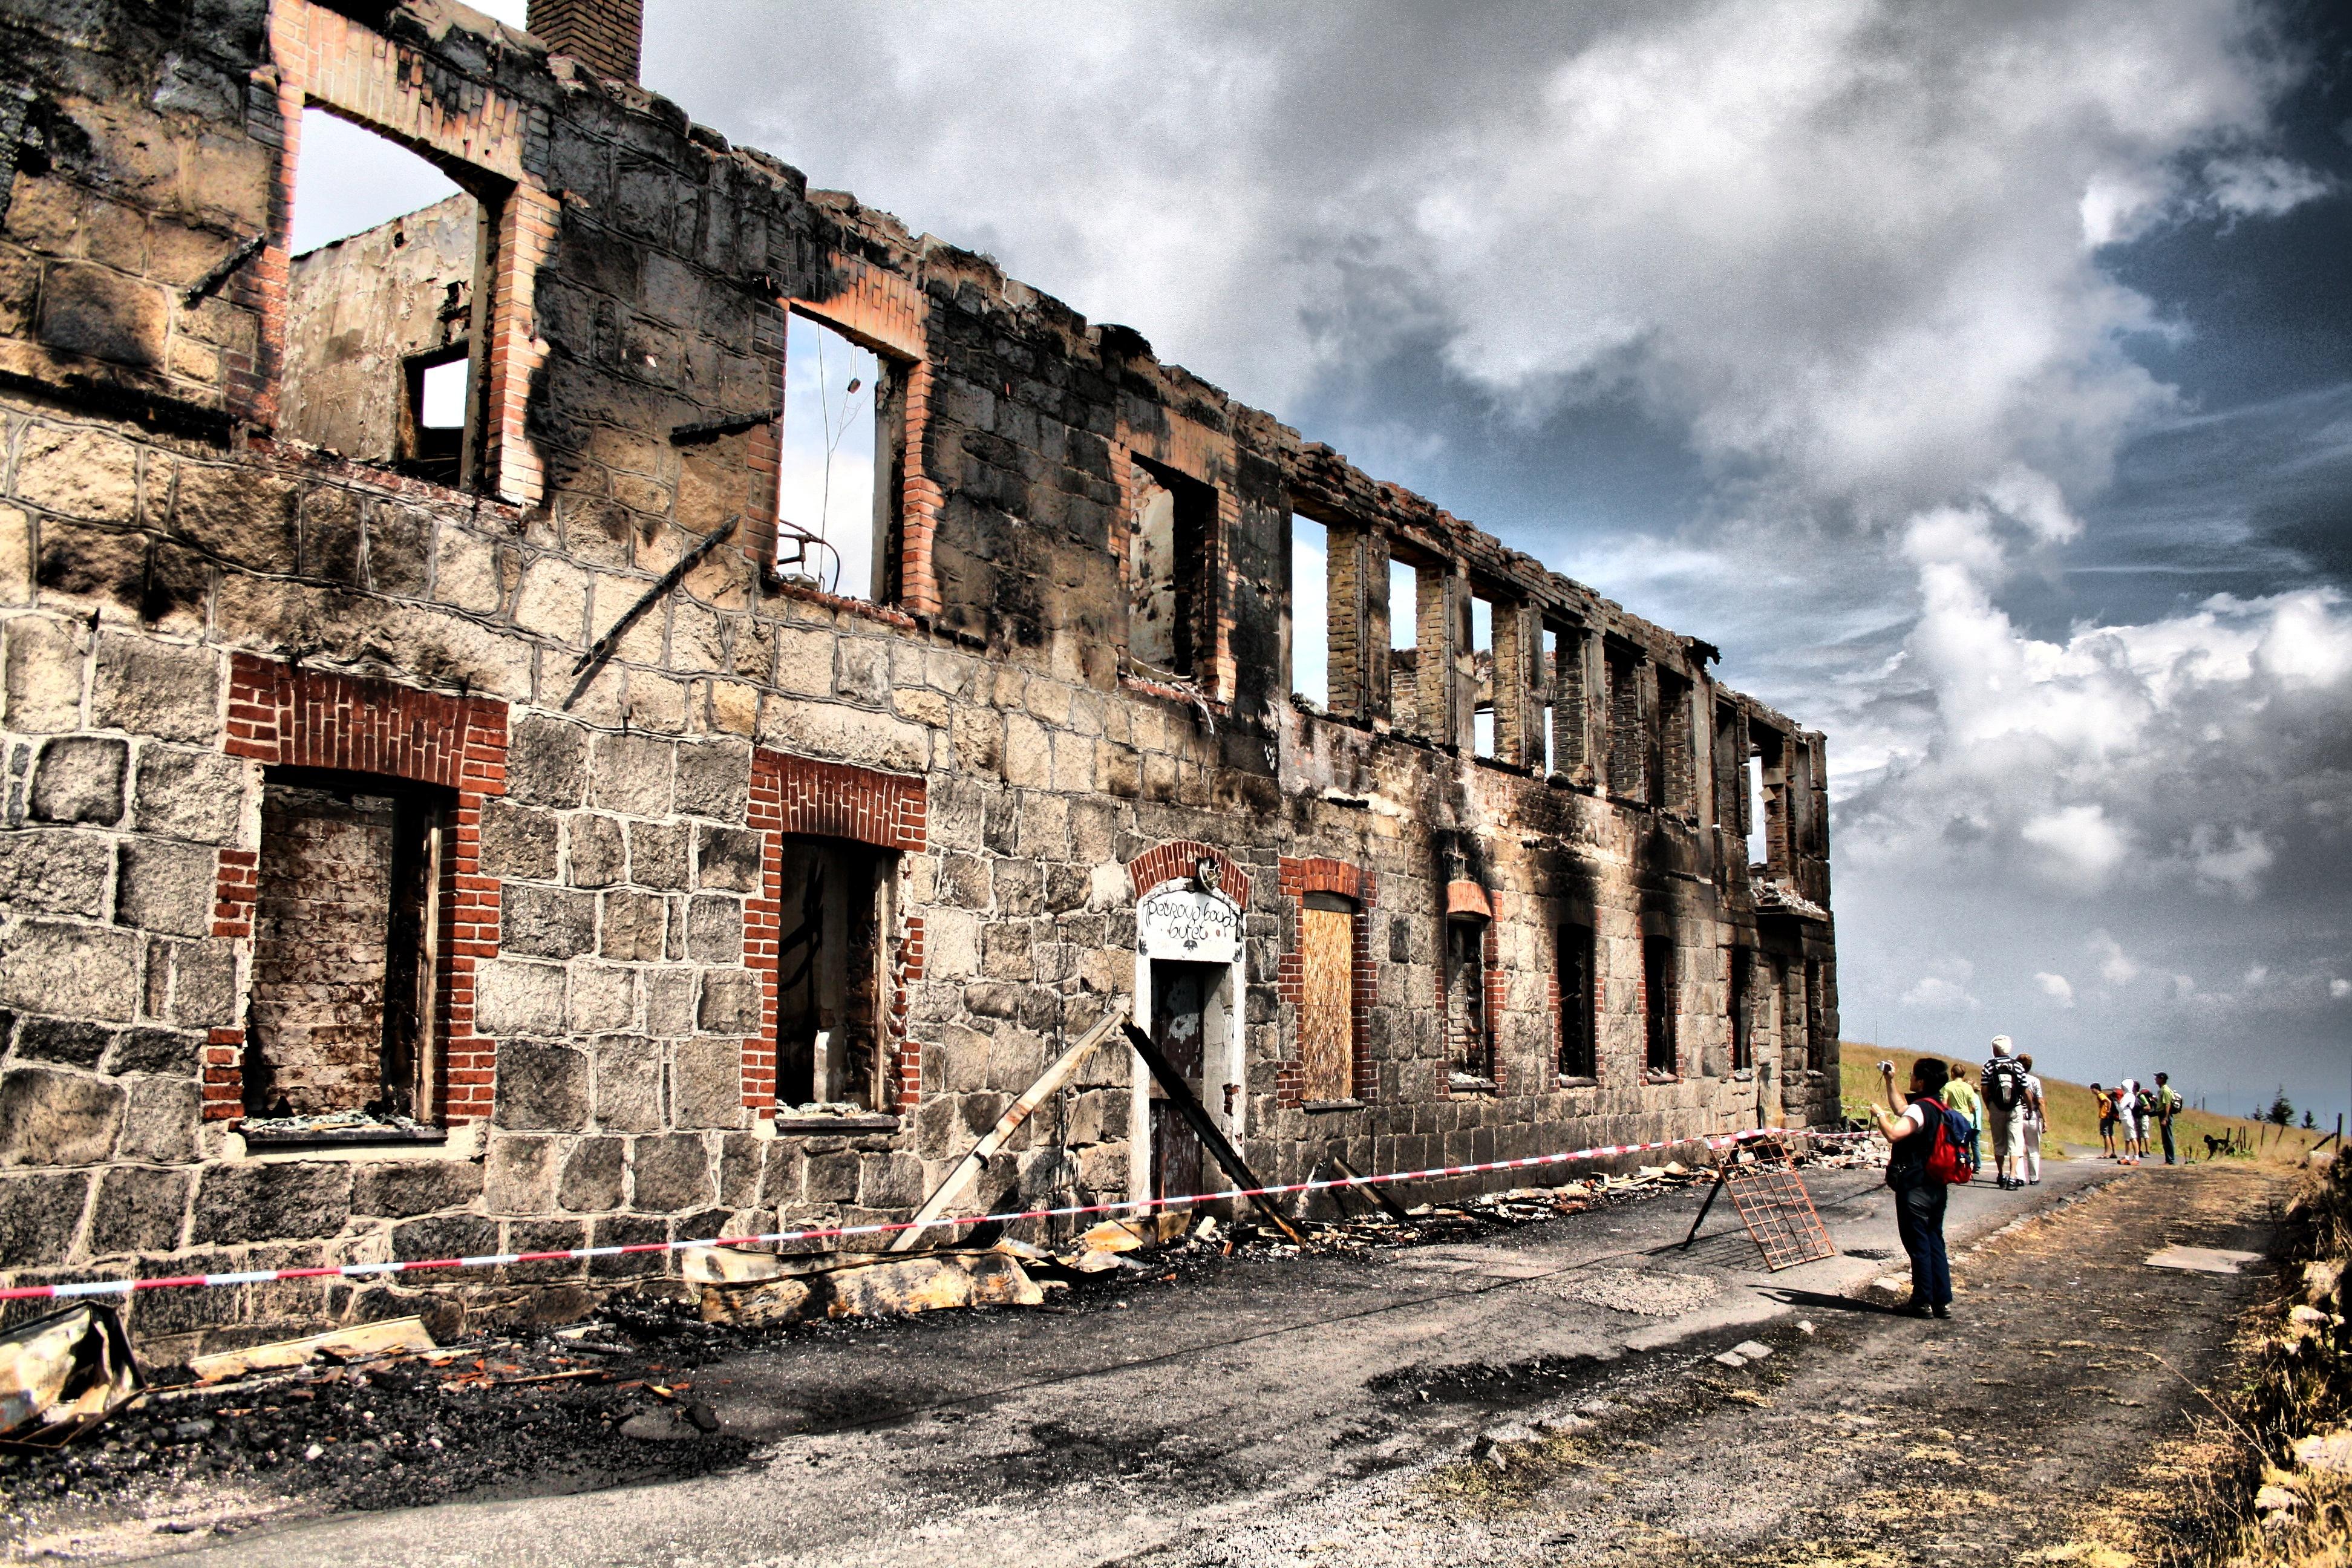 мороженое только картинки руины домов легко скрещивается разными